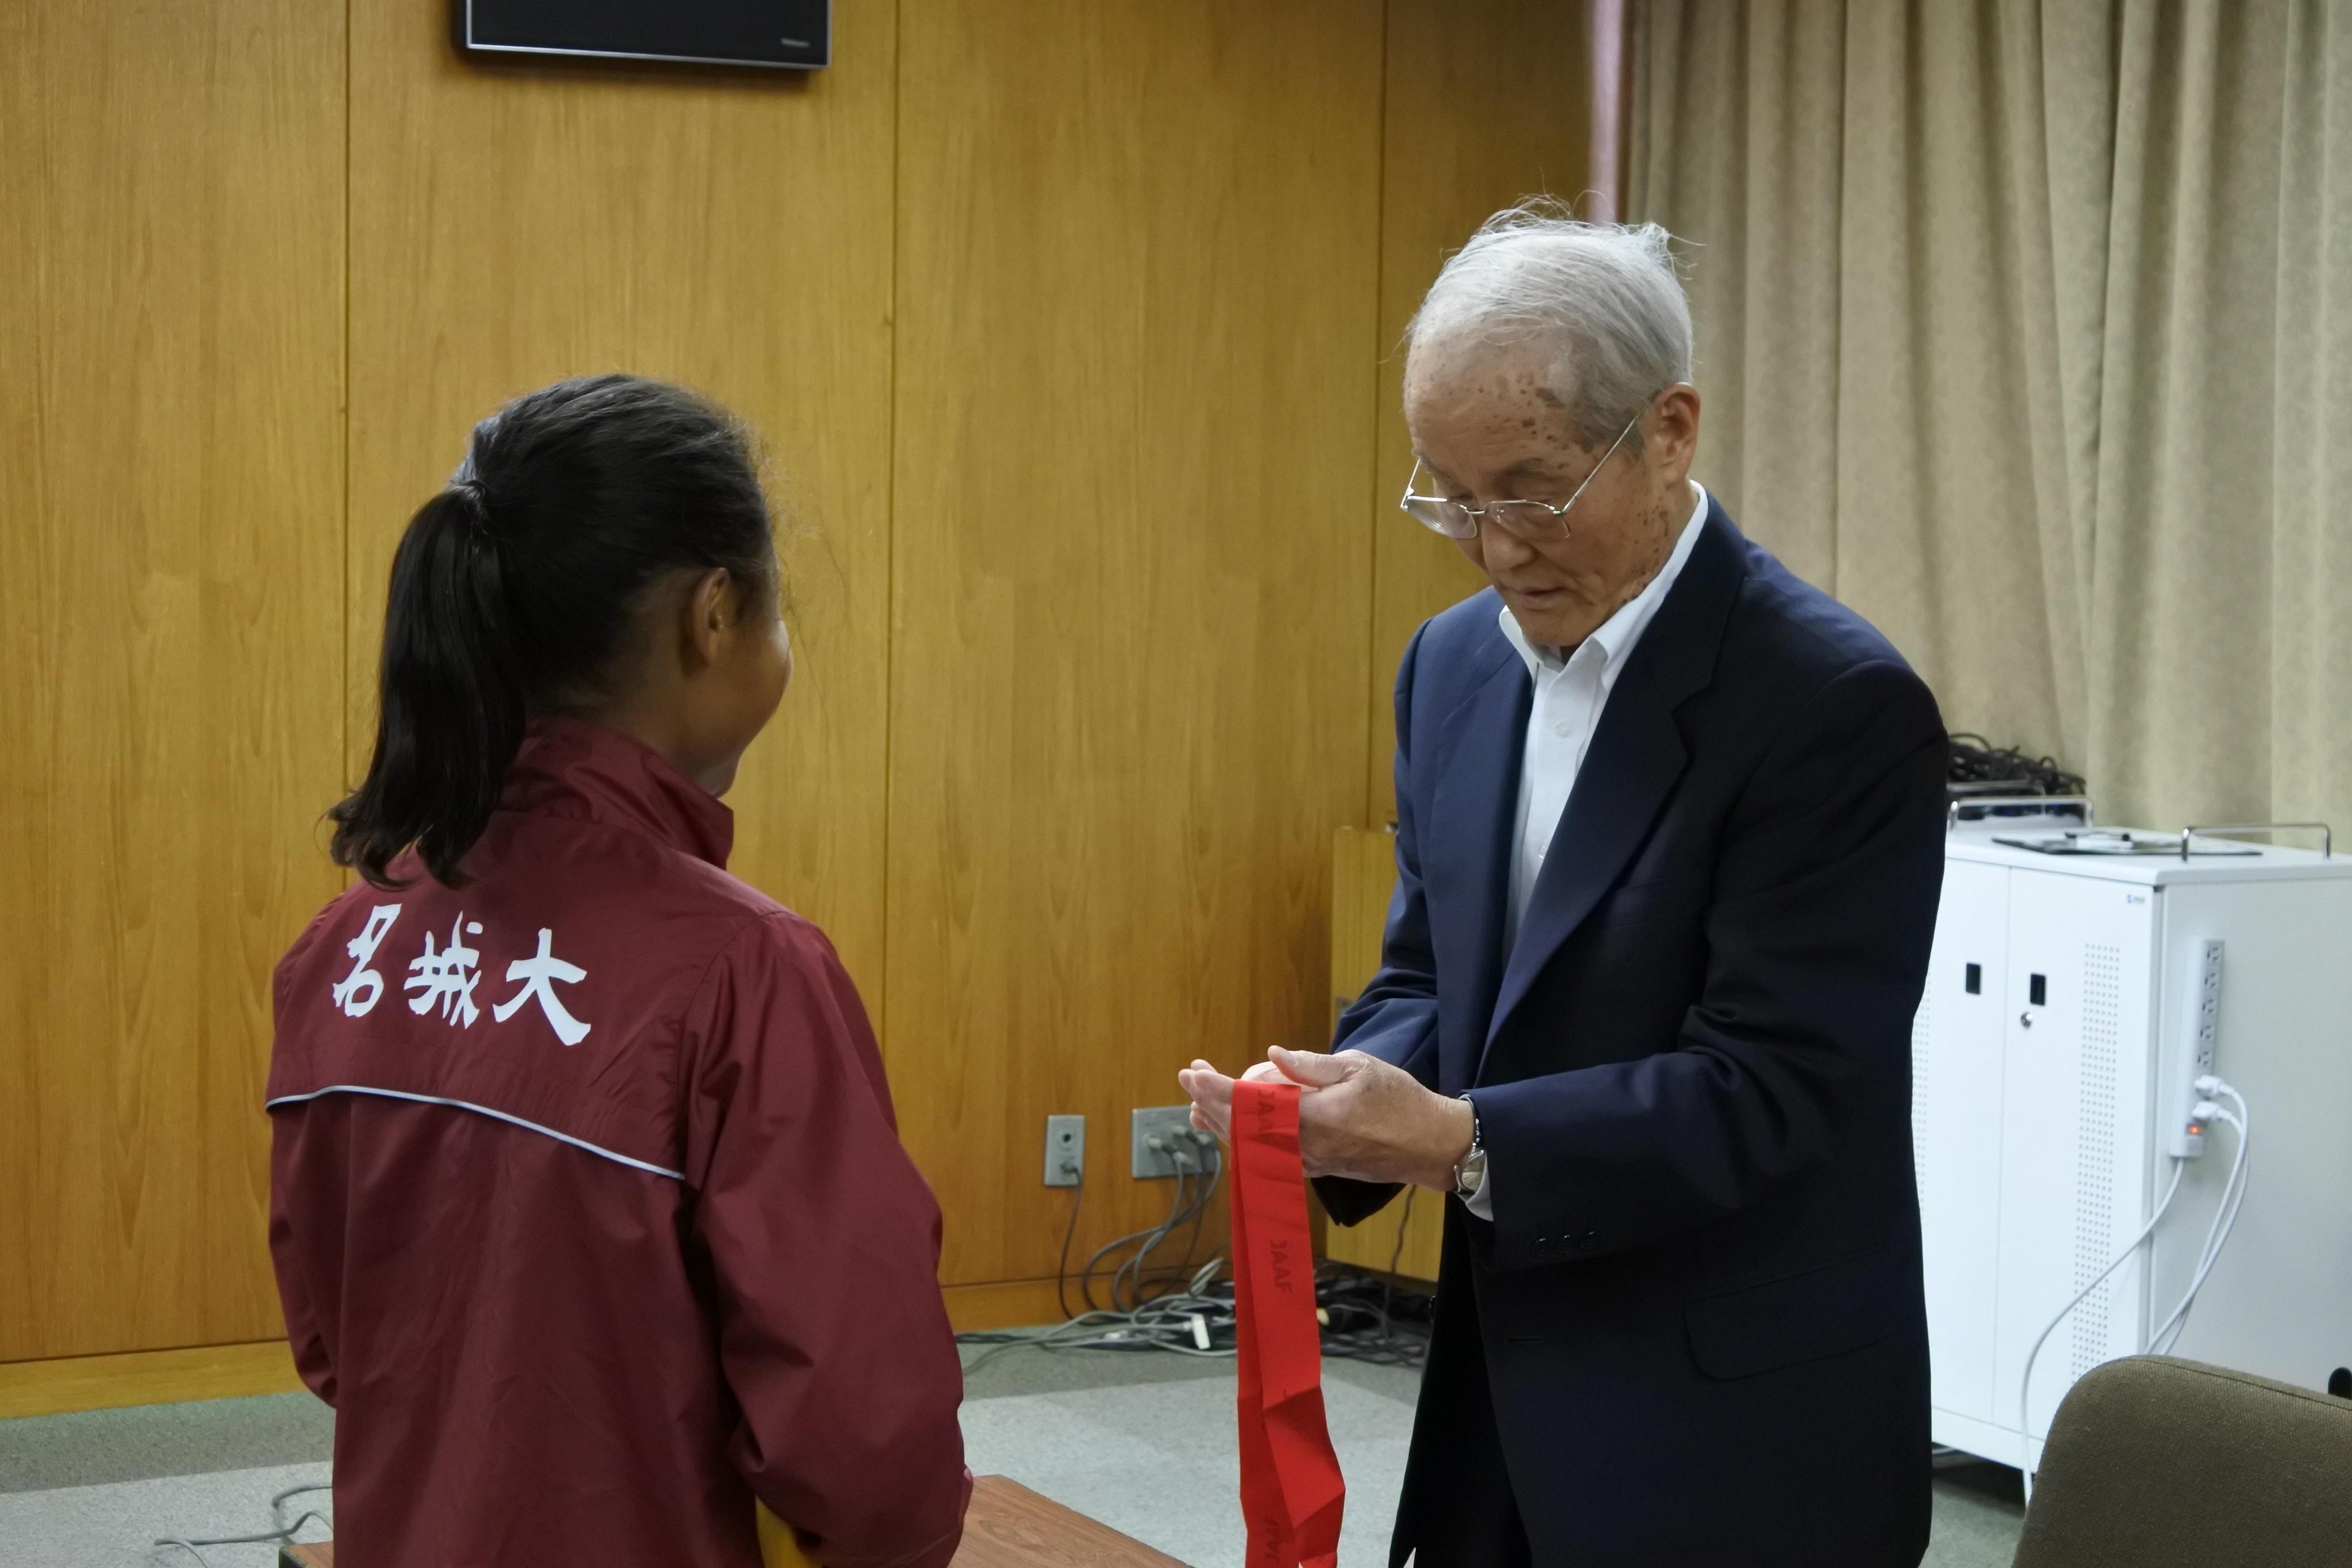 獲得したメダルを手に取る小笠原理事長